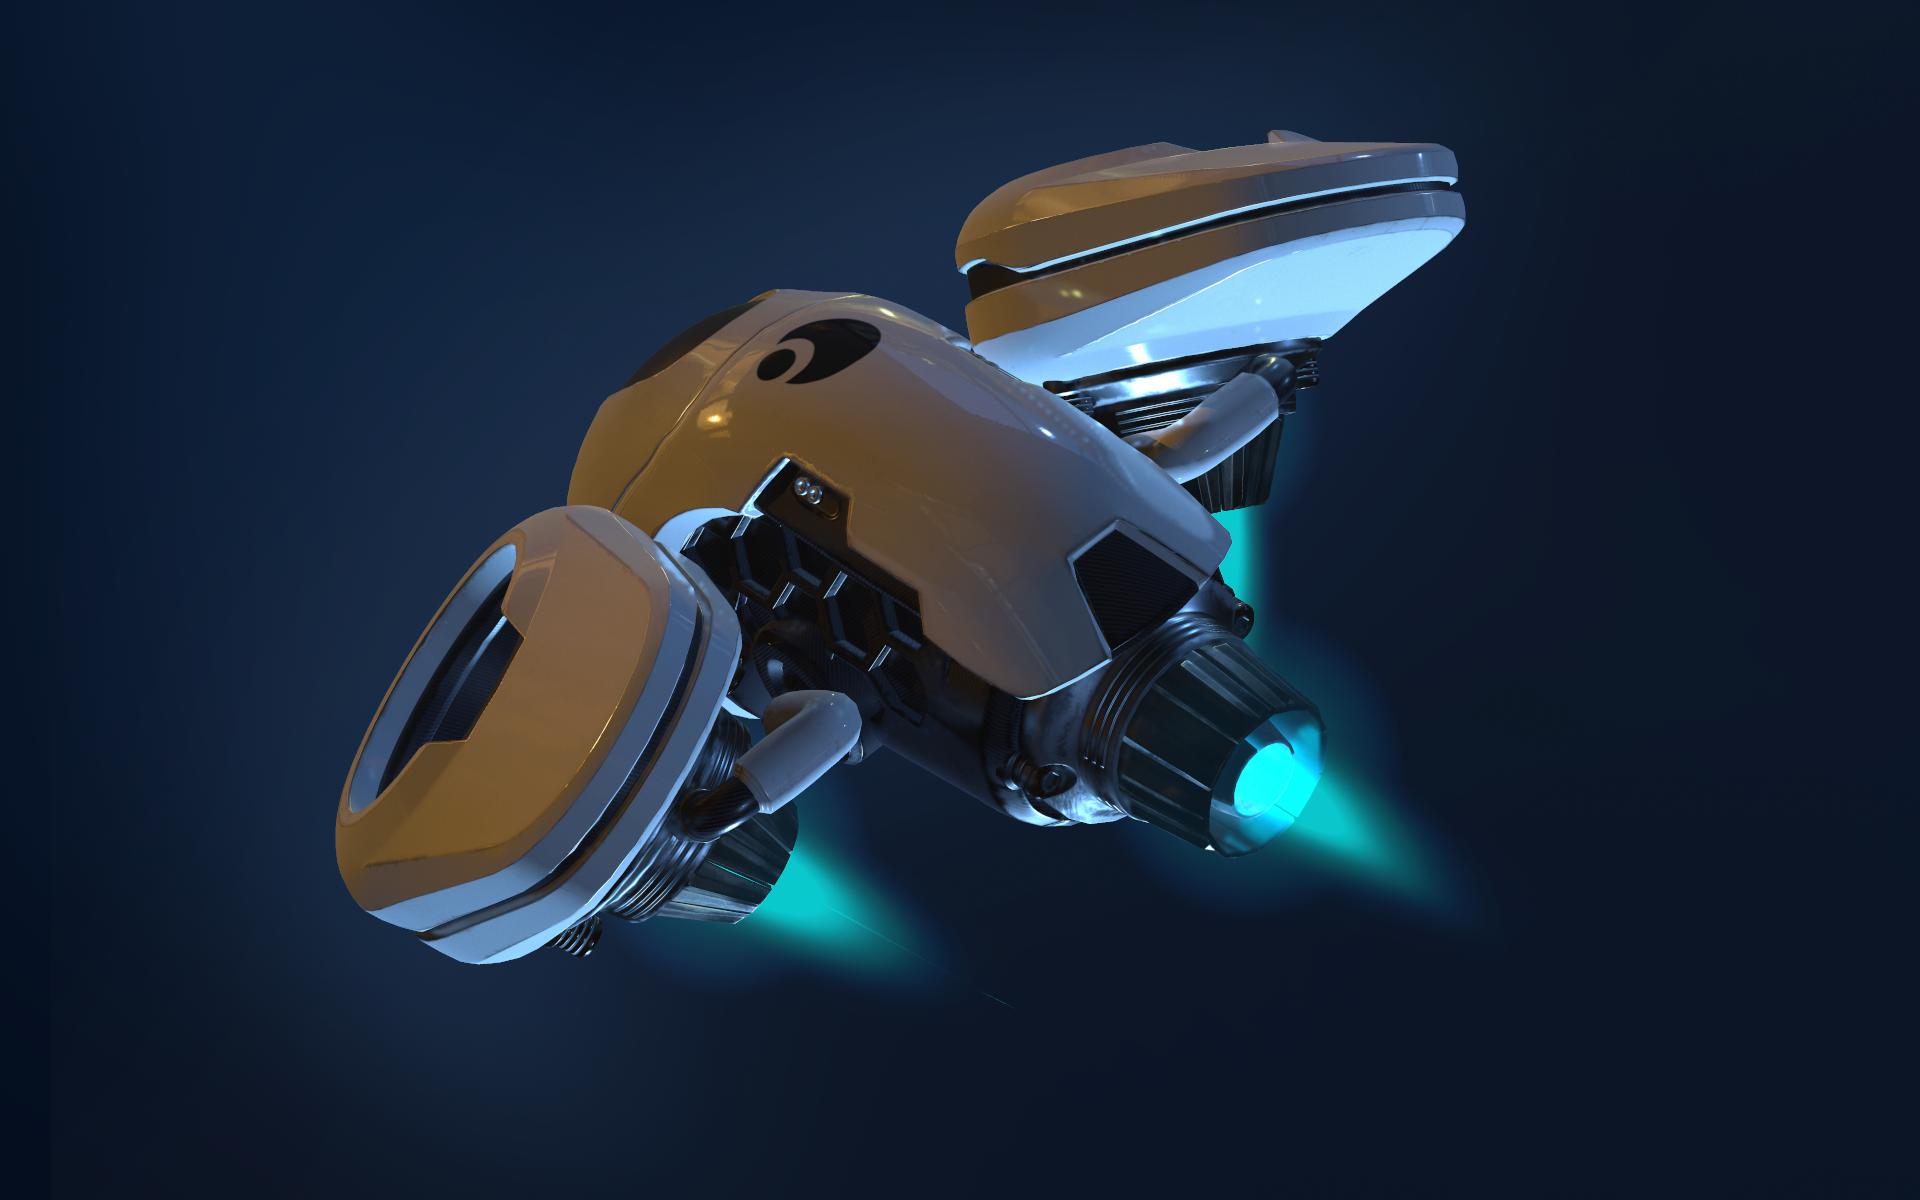 prime_drone_rendering_01